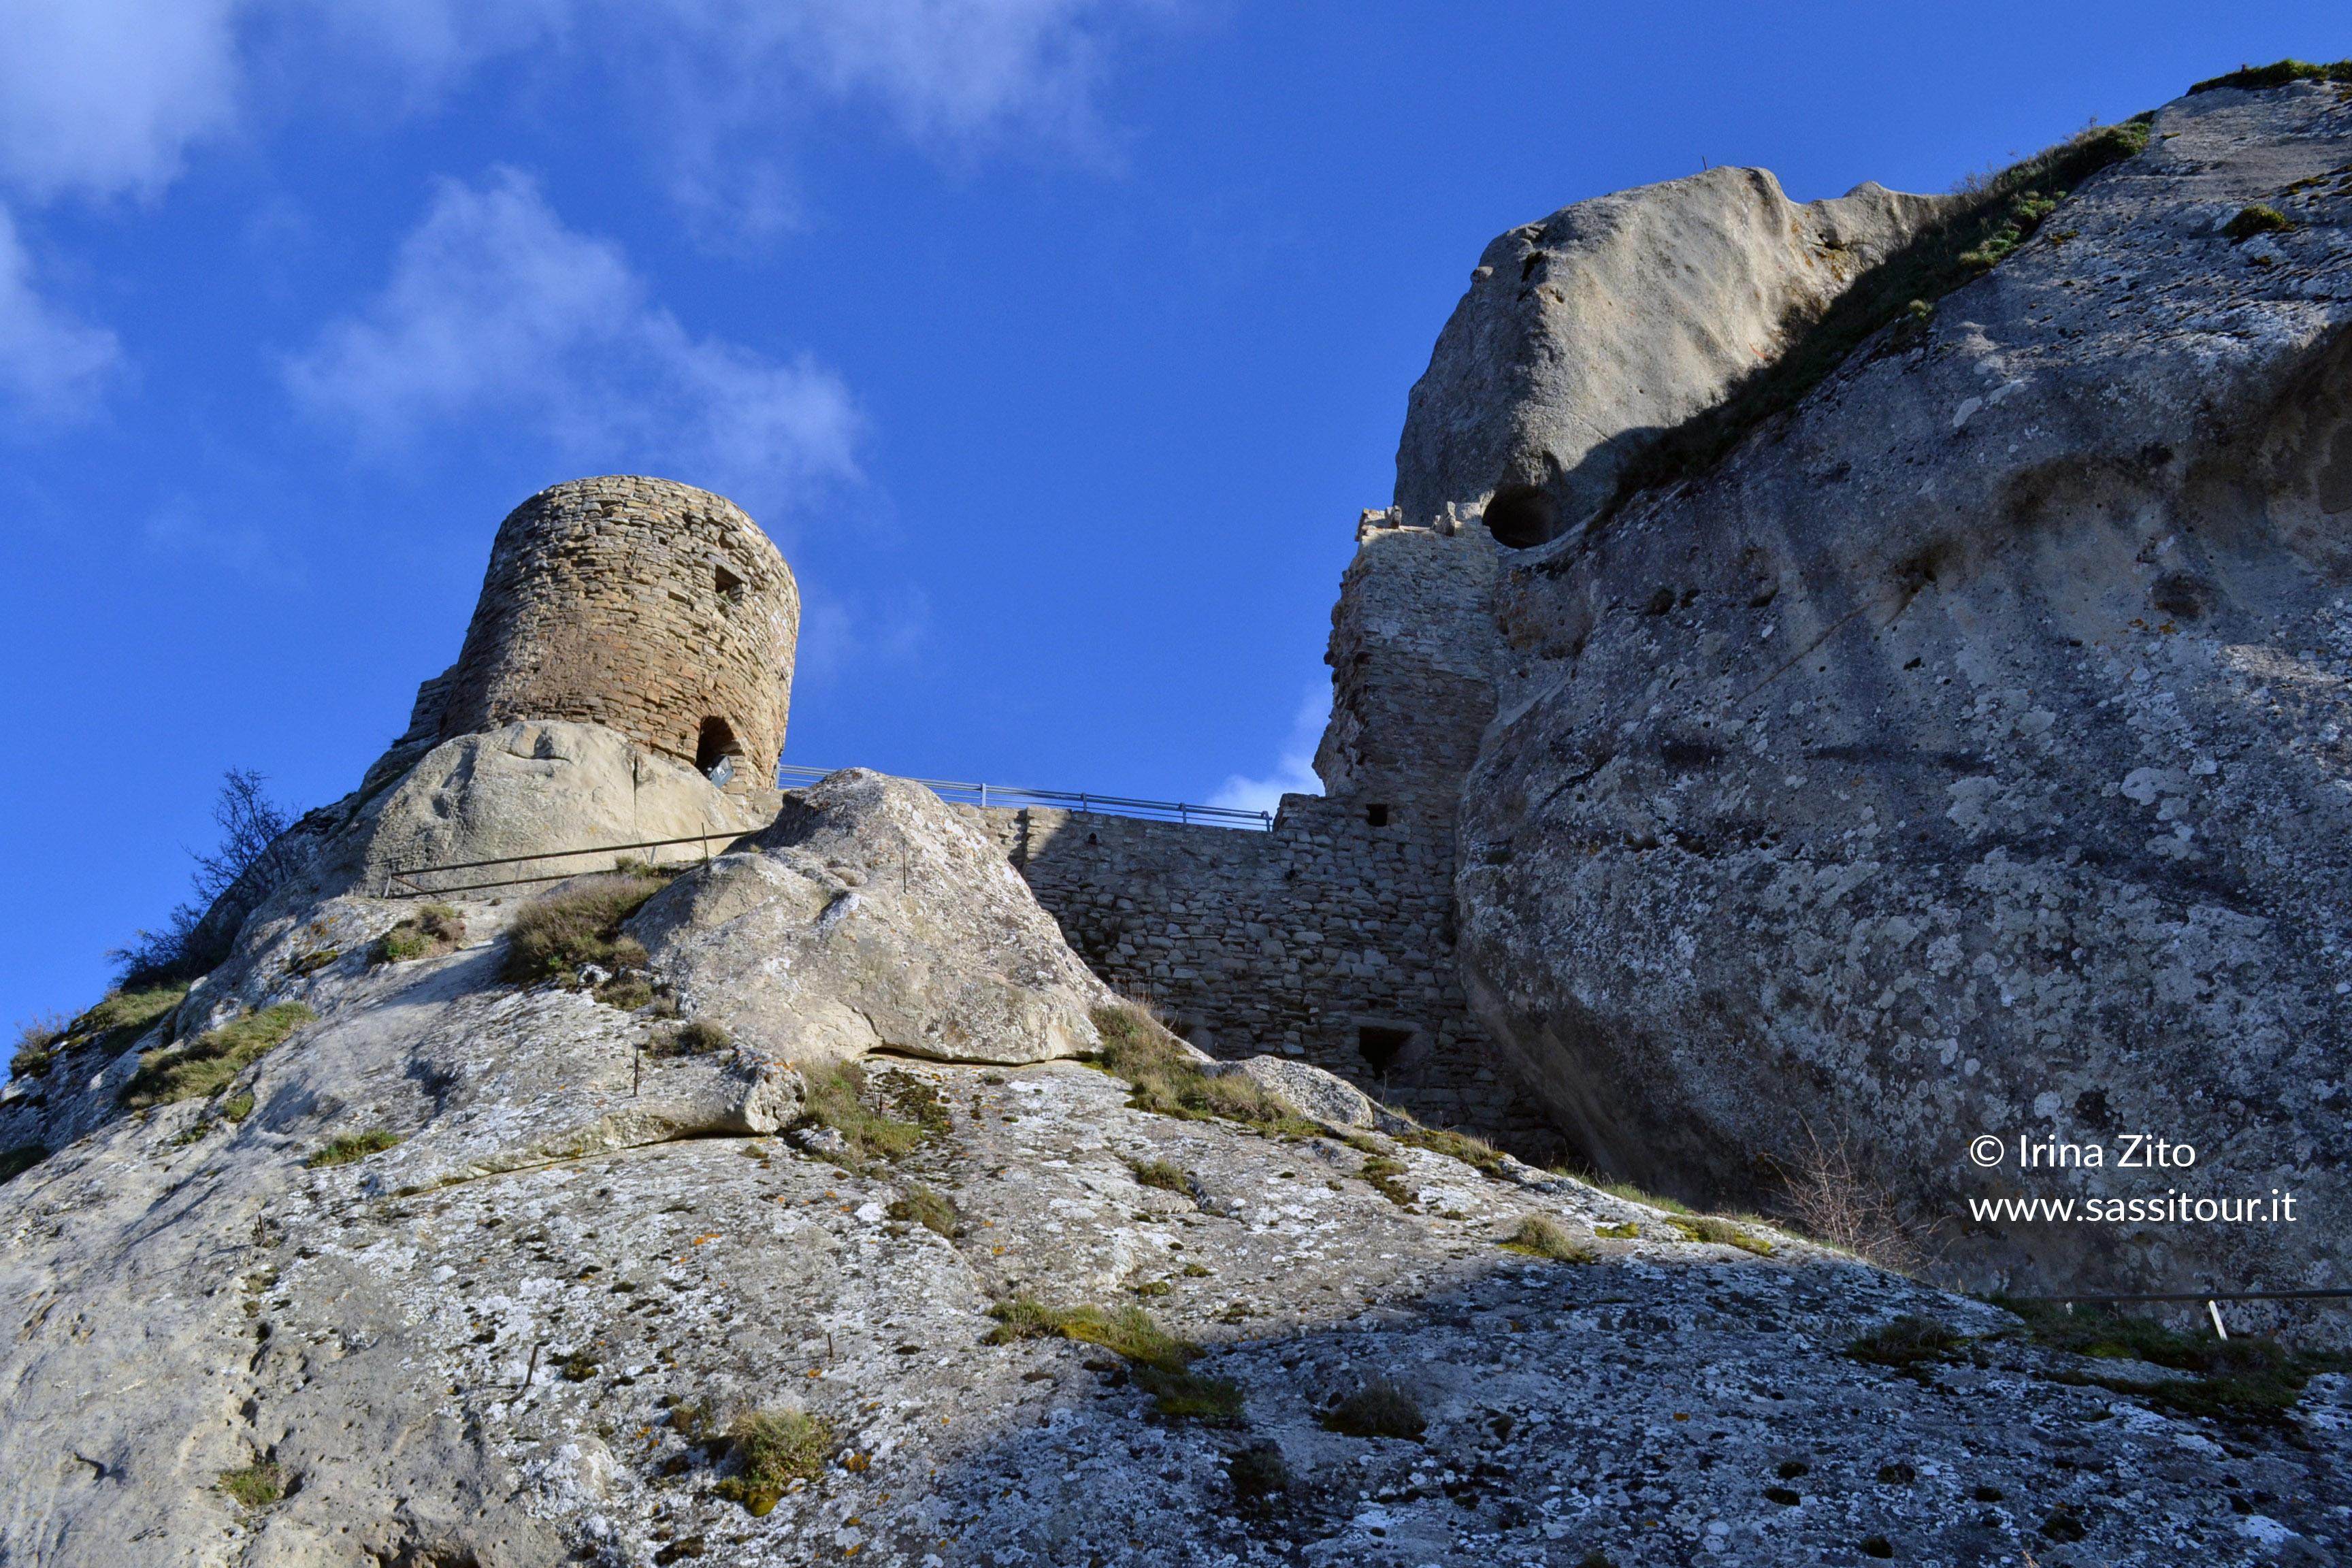 Sei su: il castello di Pietrapertosa si eleva dalla roccia della montagna.